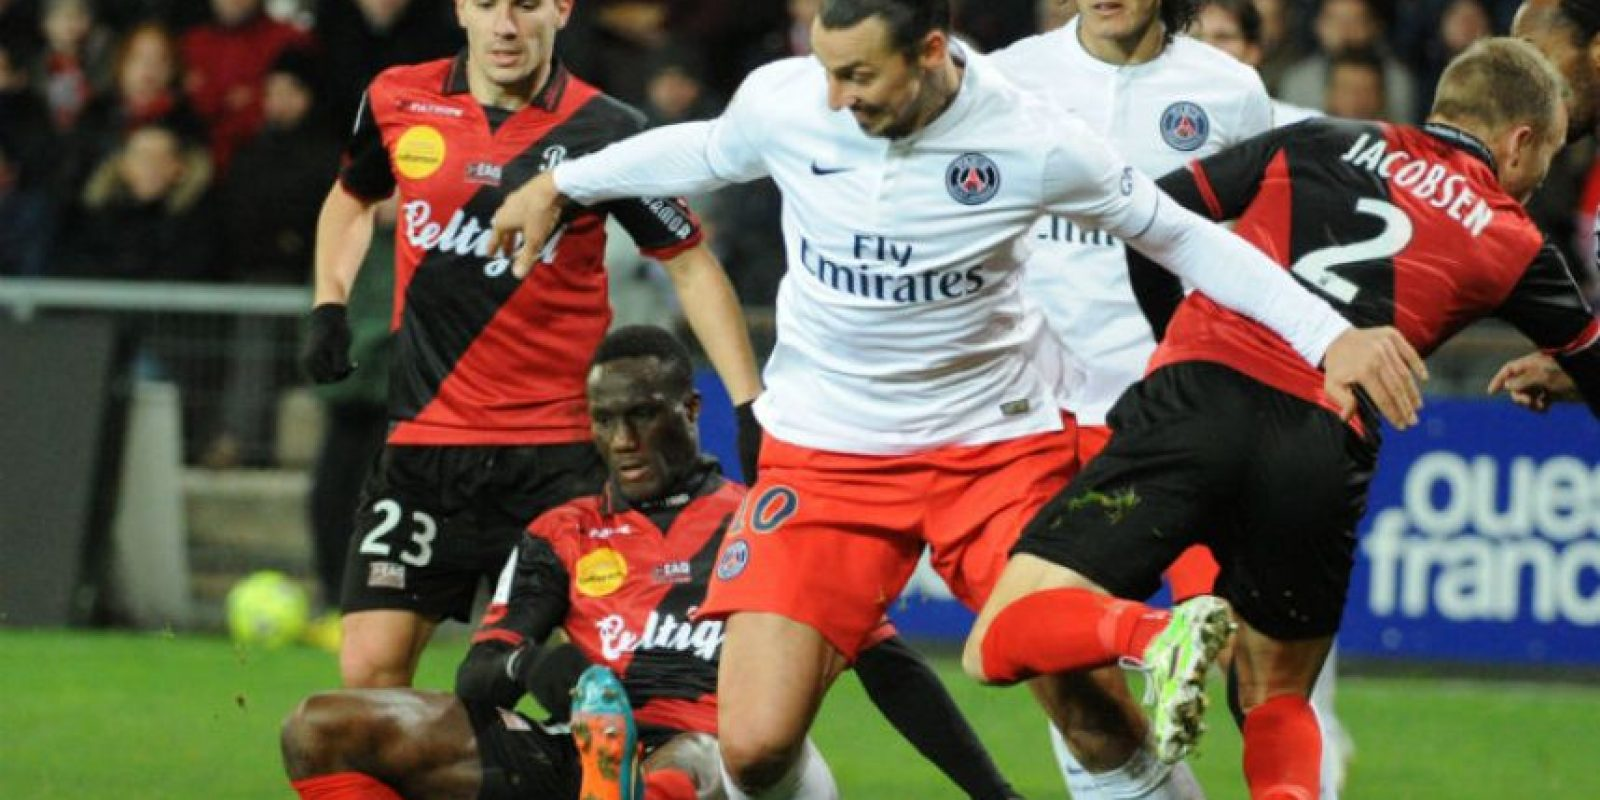 El jugador del Paris Saint-Germain tendrá su propia marca de ropa deportiva. Foto:AFP